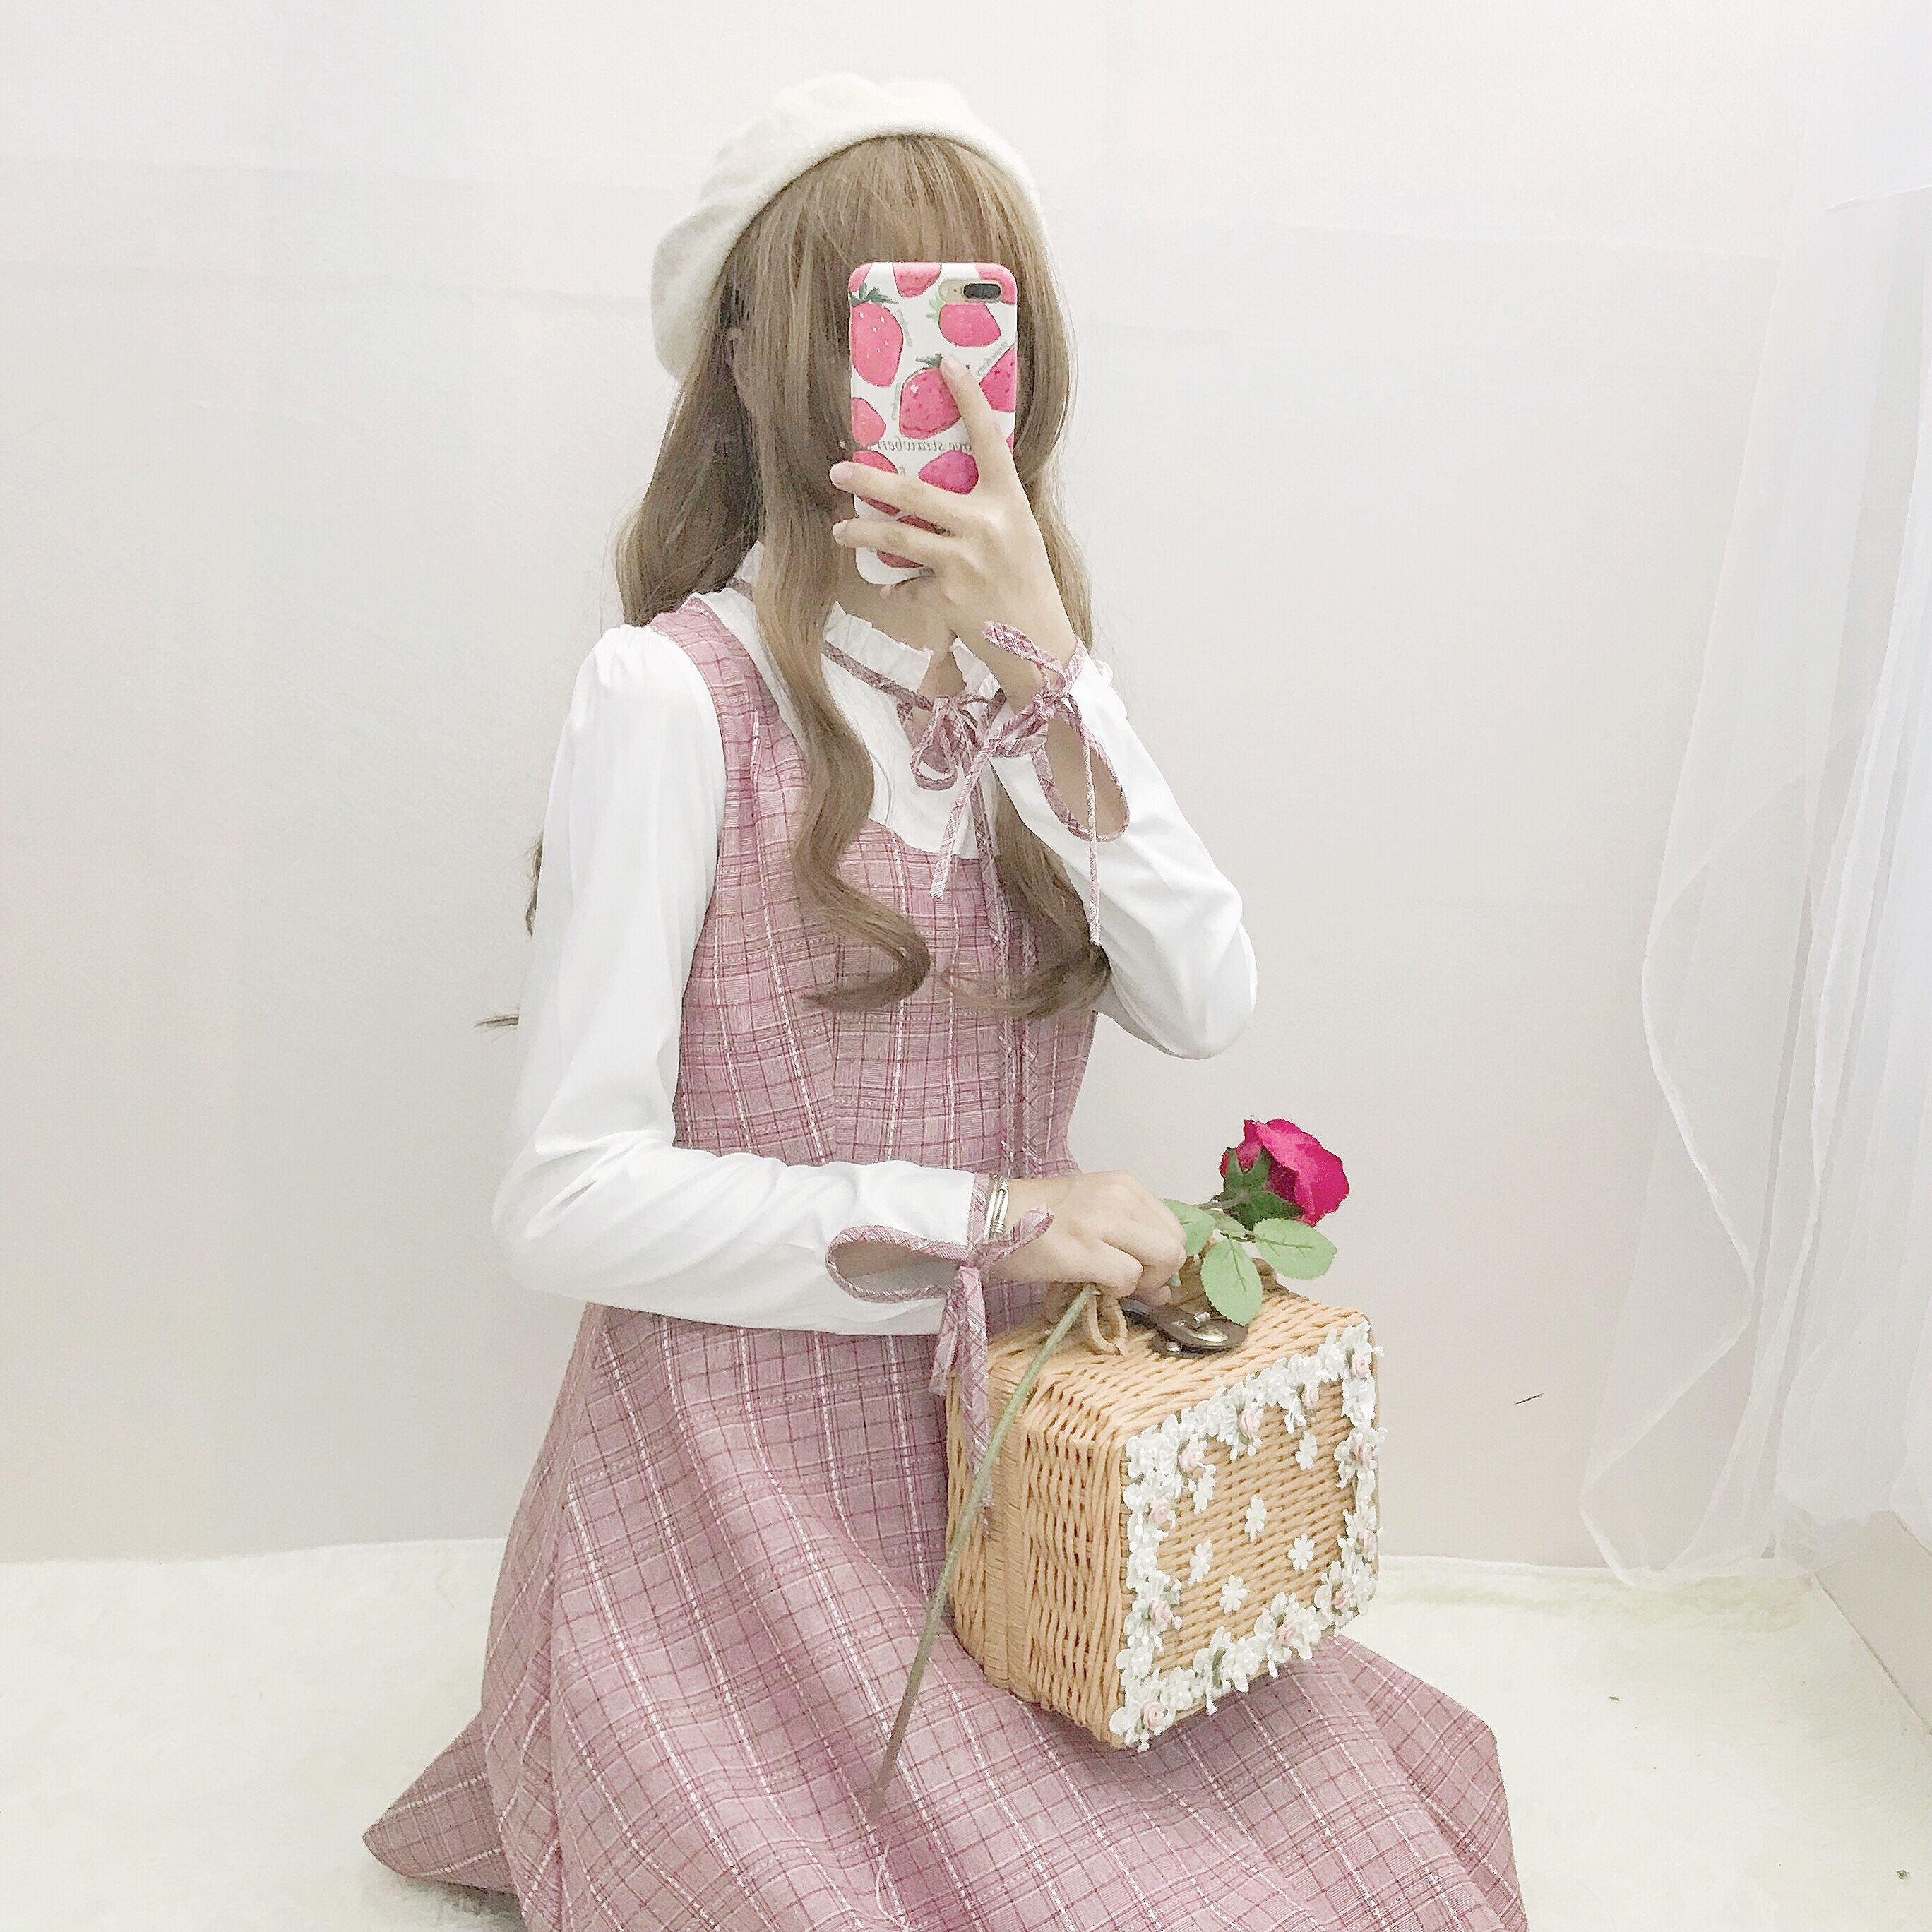 连衣裙女秋装新款中长款甜美小清新假两件系带大摆裙裙子学生